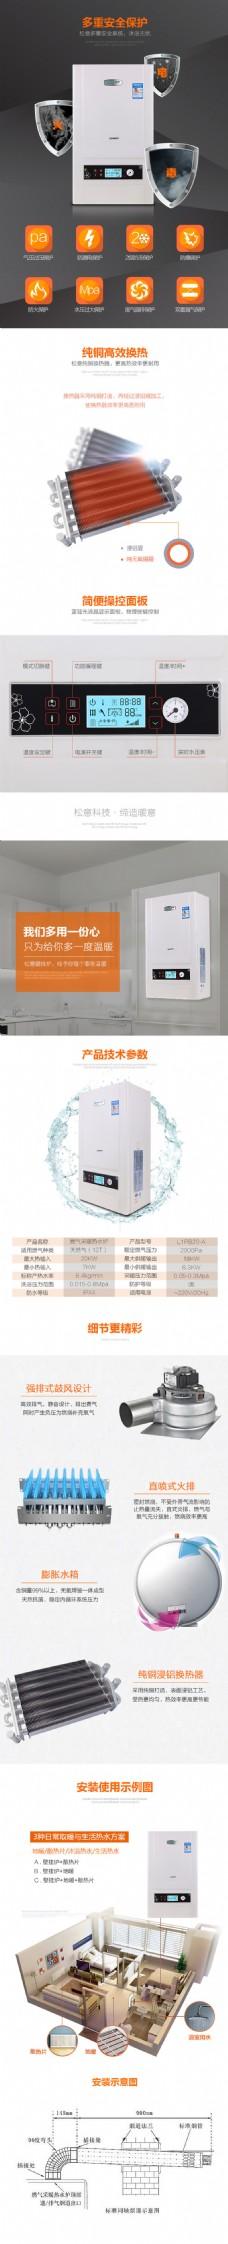 淘宝天猫壁挂炉热水器电器家电描述详情页